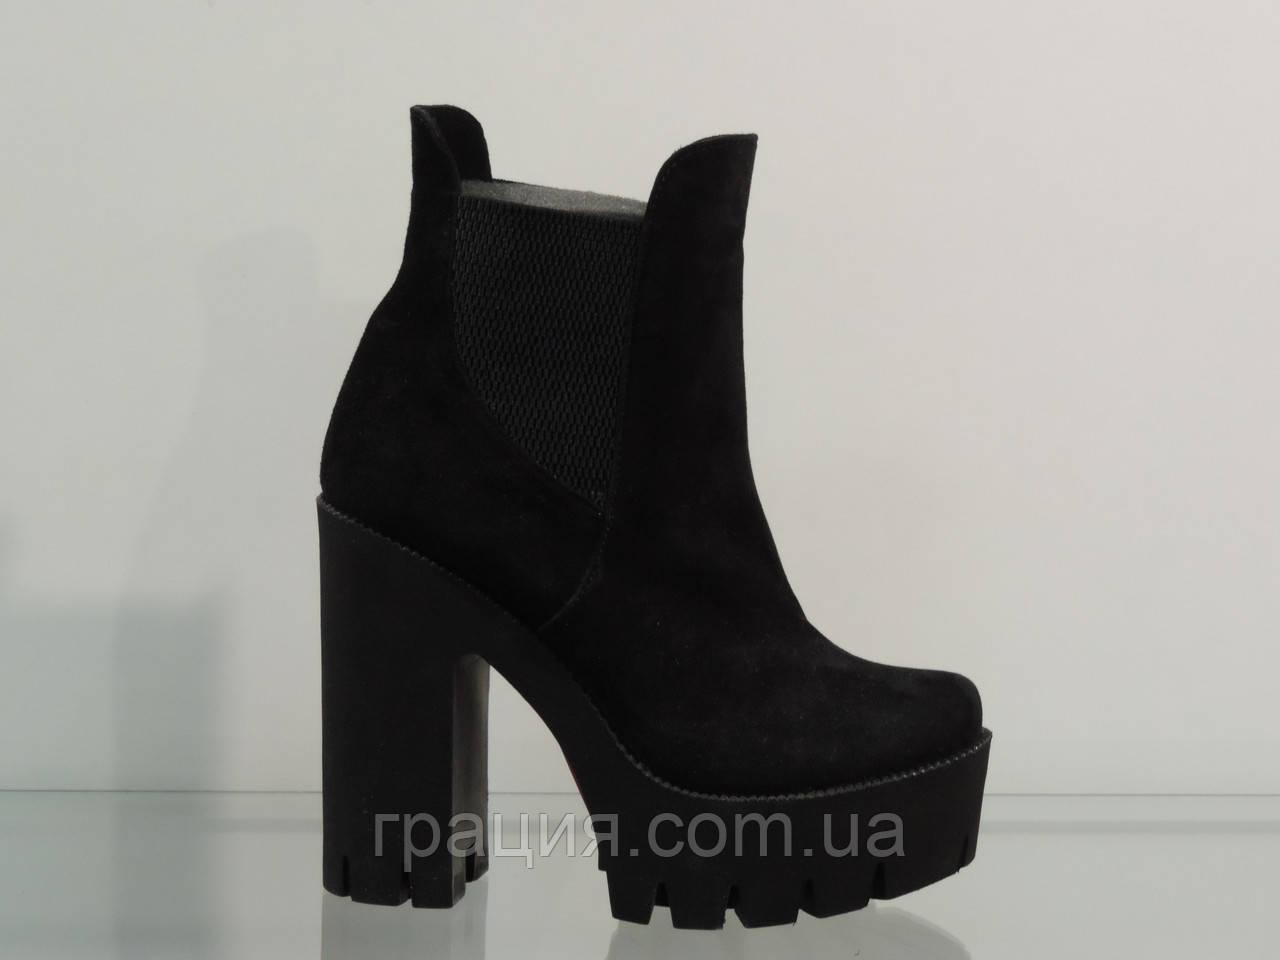 d79a1332 Ботинки молодежные замшевые на каблуке: продажа, цена в Конотопе ...